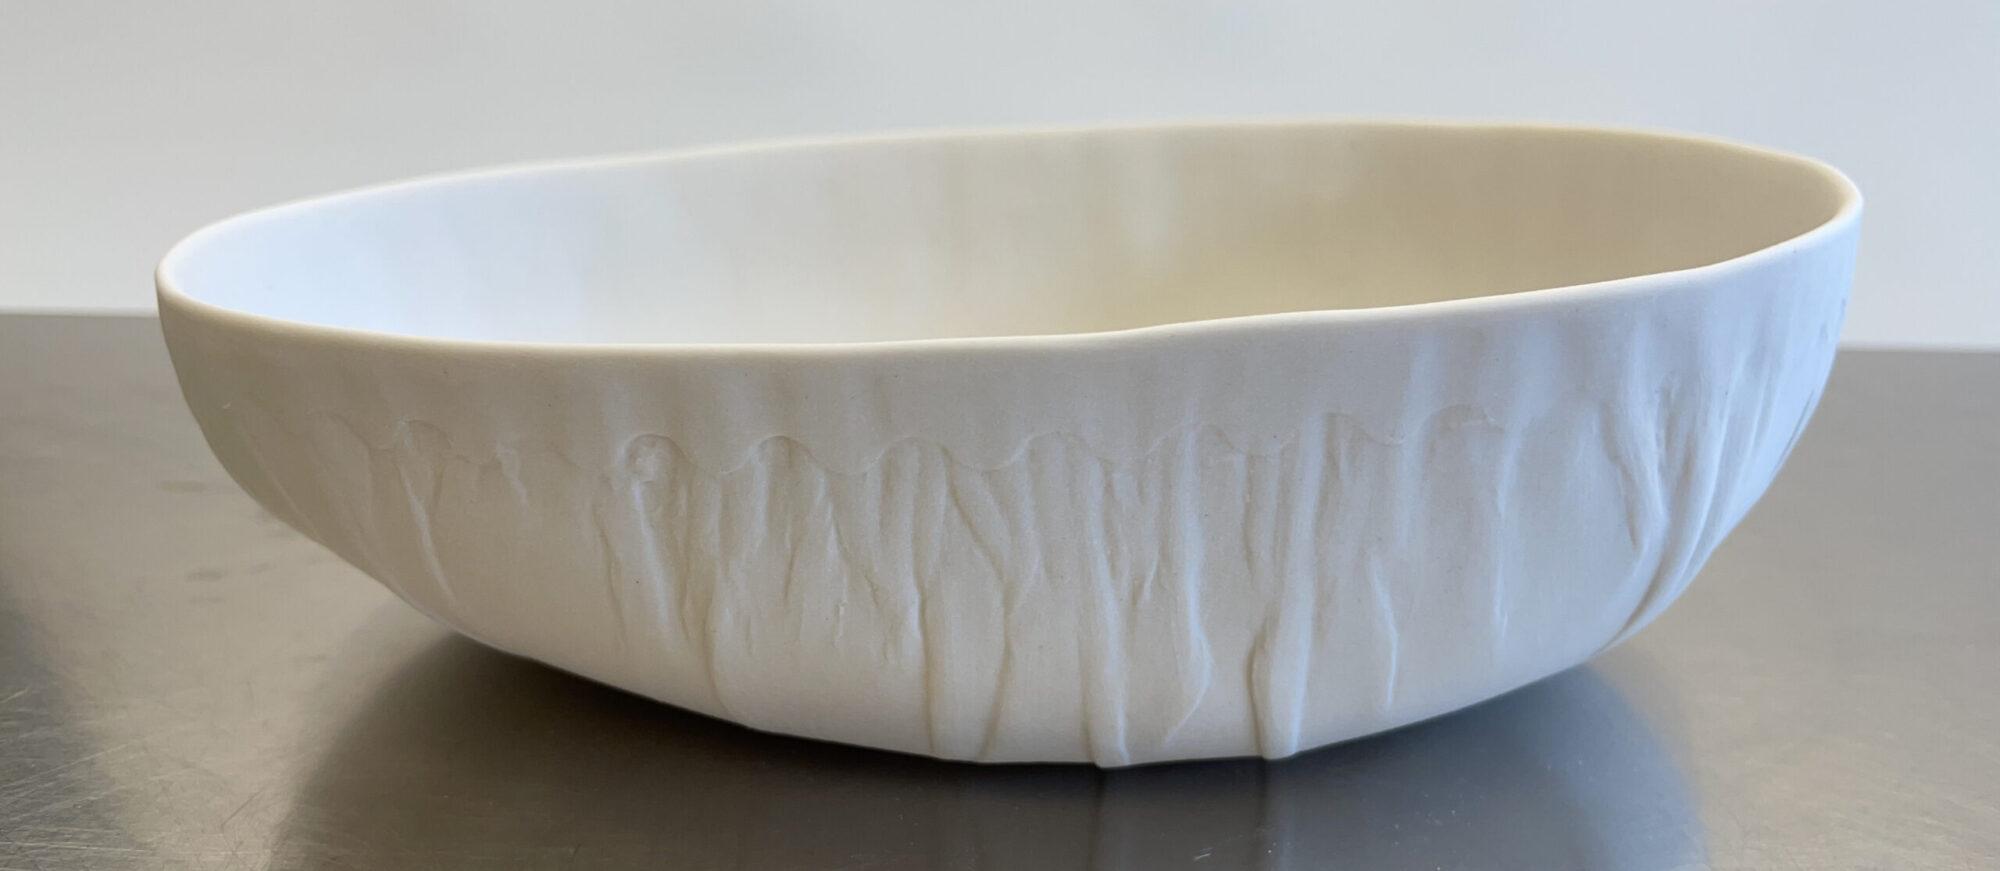 Bisted Porcelæn